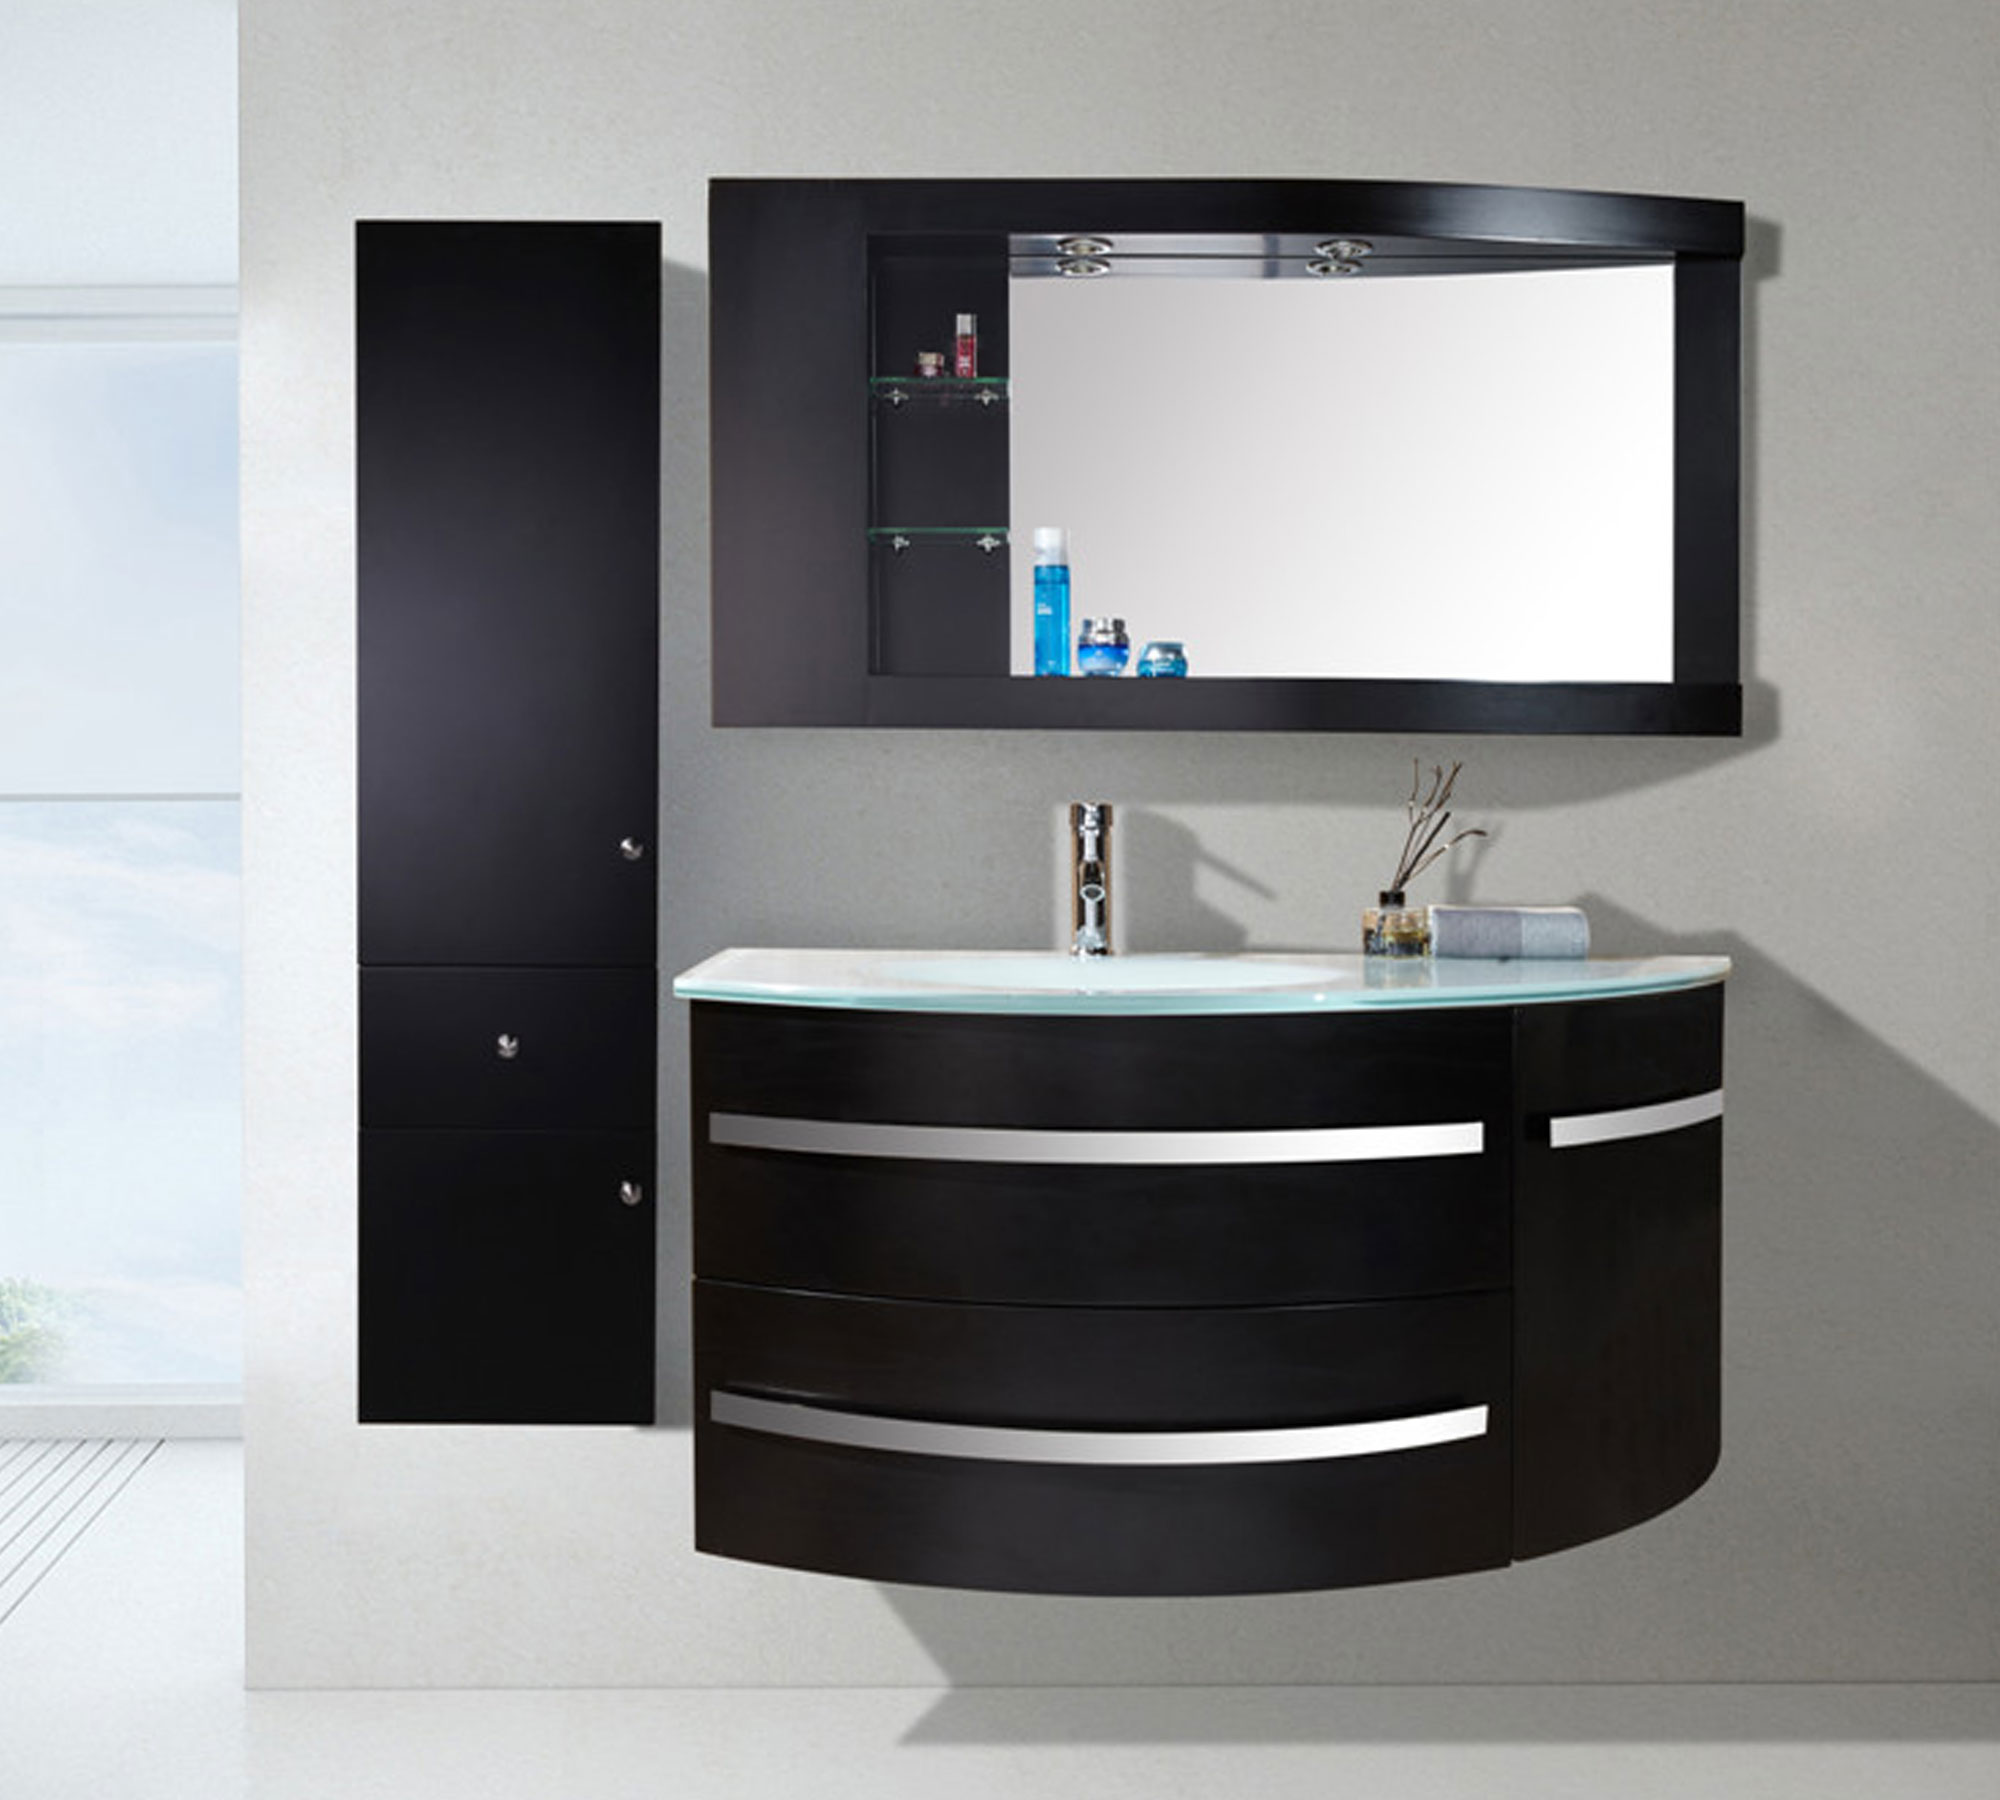 Black ambassador mobile bagno arredo bagno 120 cm colonna e lavabo inclusi - Mobili bagno black friday ...